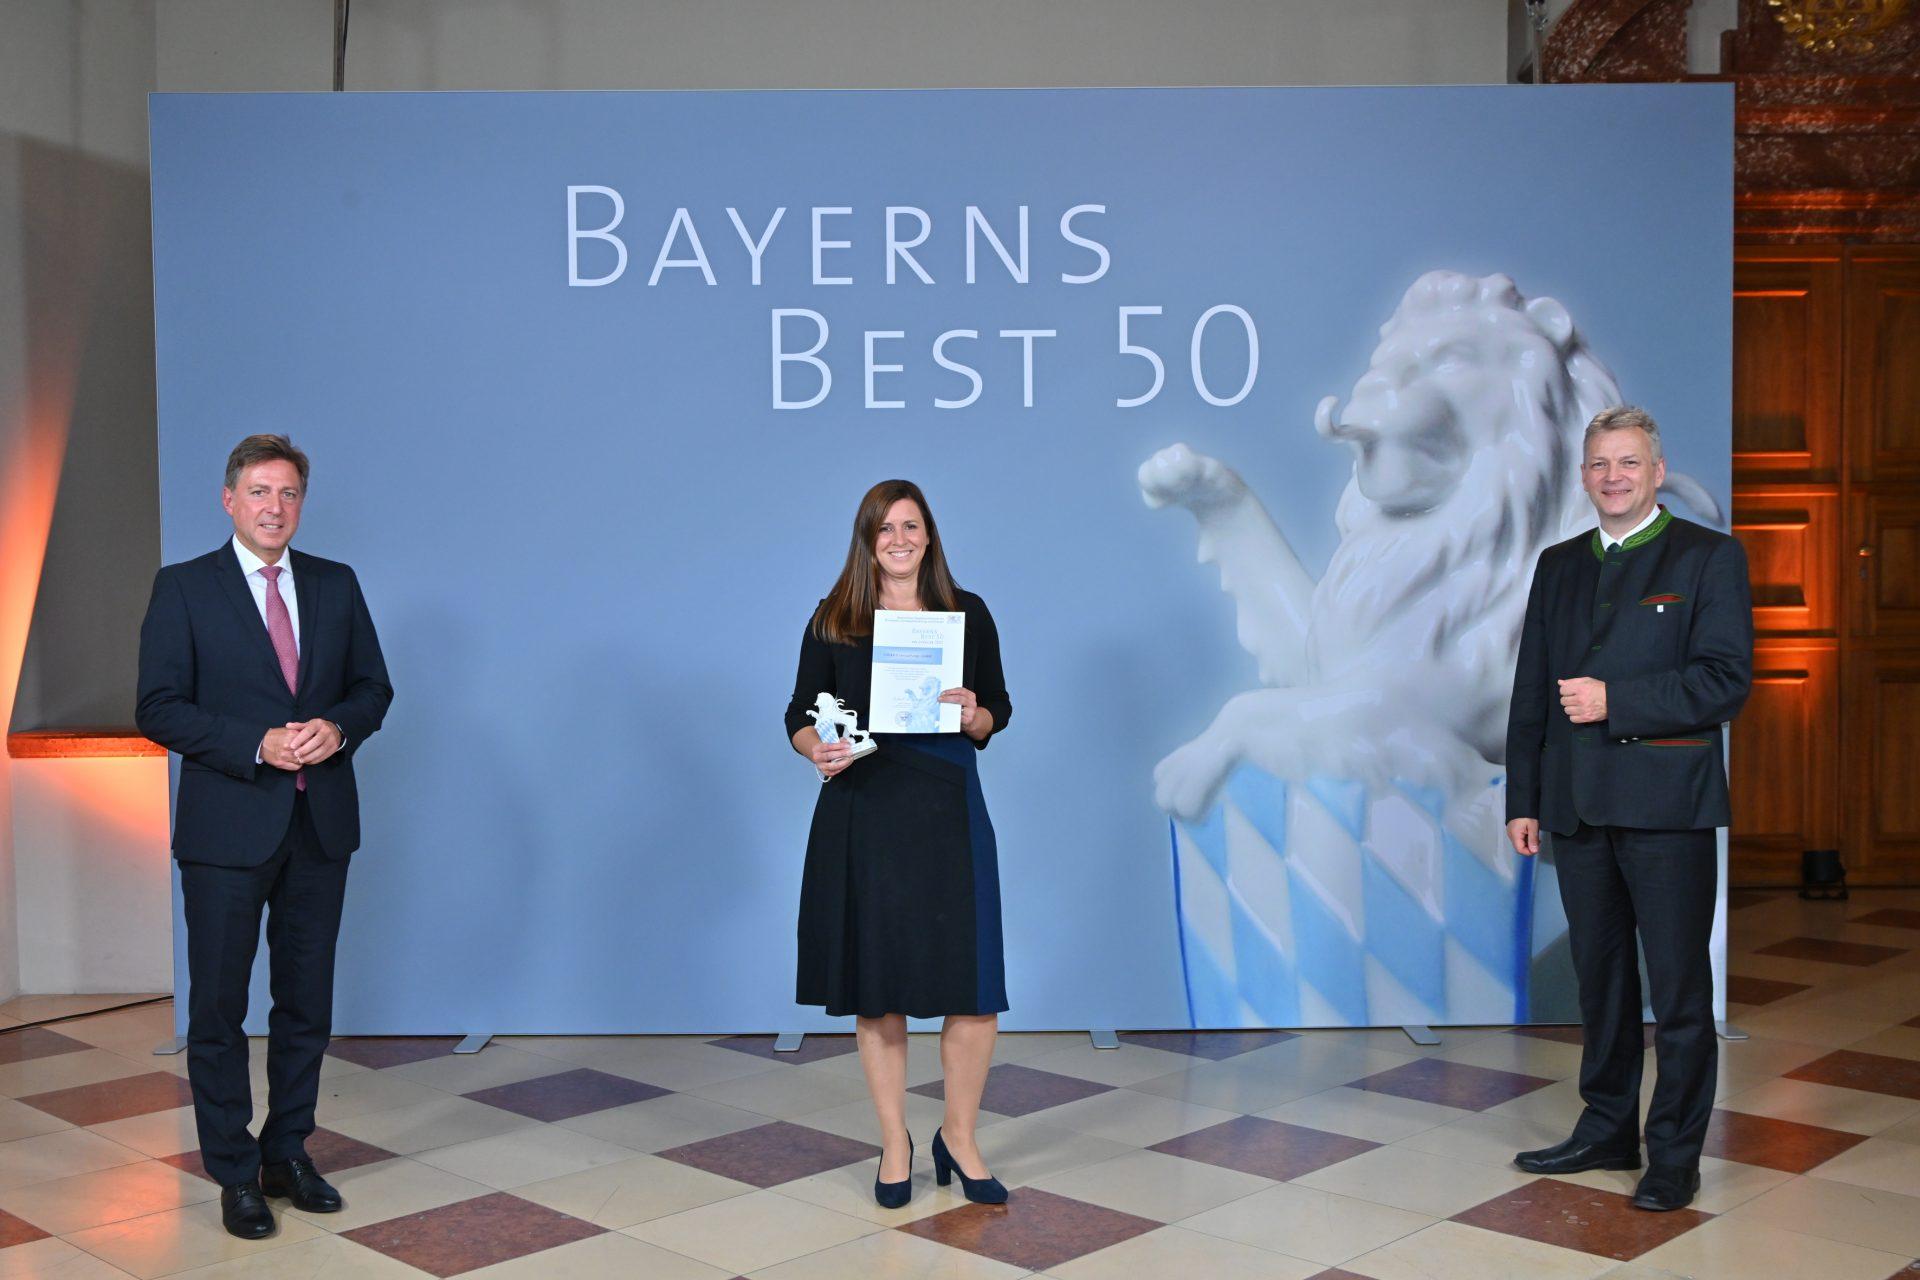 """Auszeichnung des Bayerischen Wirtschaftsministeriums: Unternehmensgruppe Glöckle zählt zu """"BAYERNS BEST 50"""""""